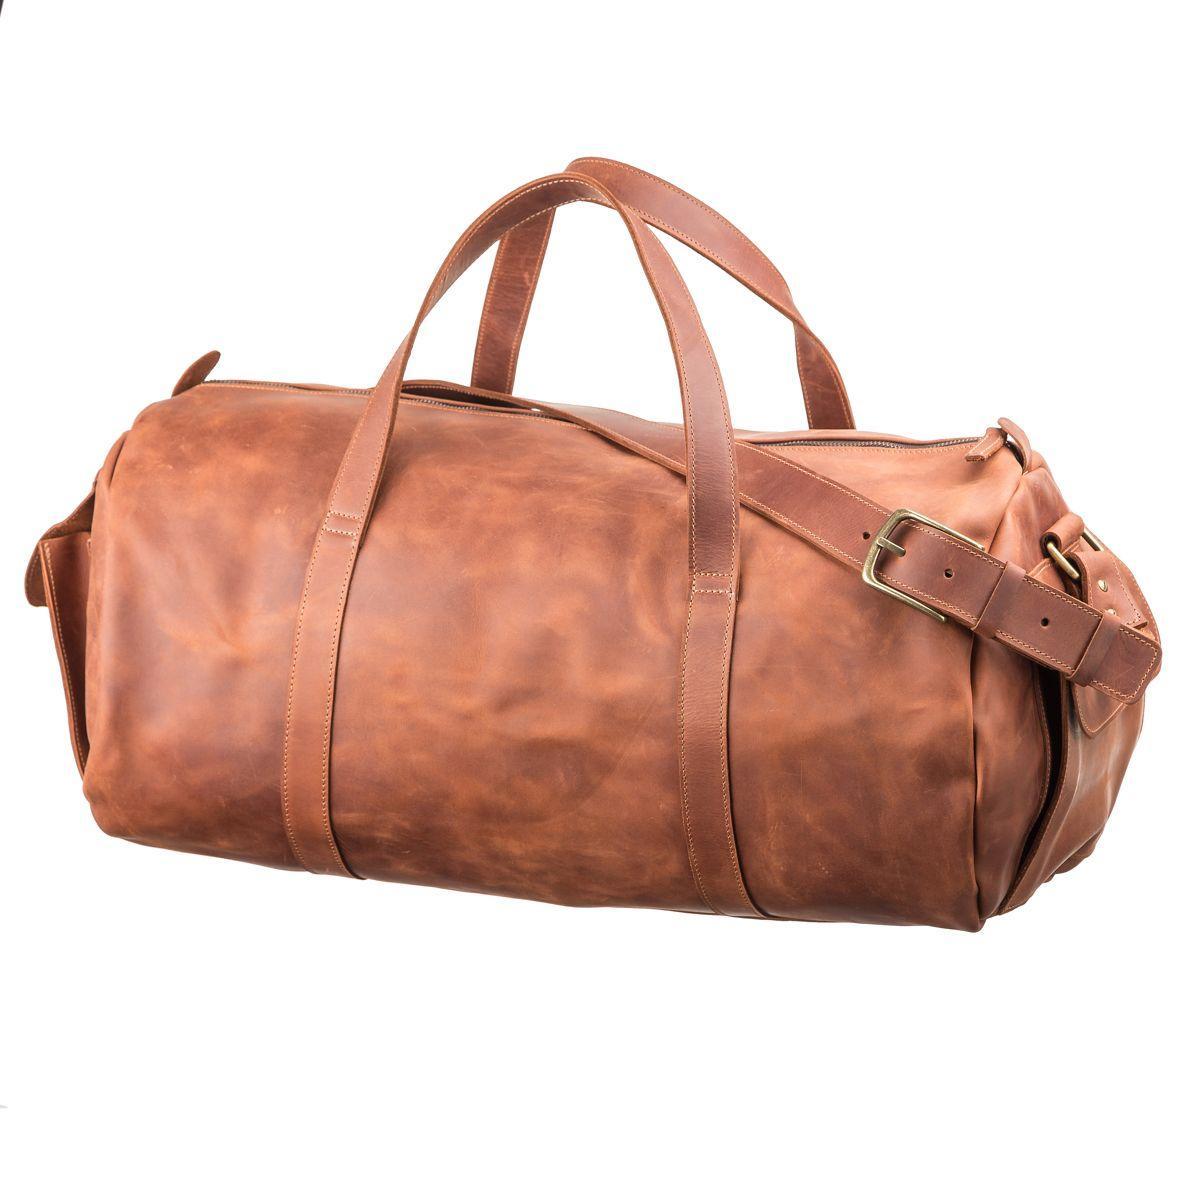 Сумка дорожная винтажная из коричневой кожи Grande  Pelle 11047